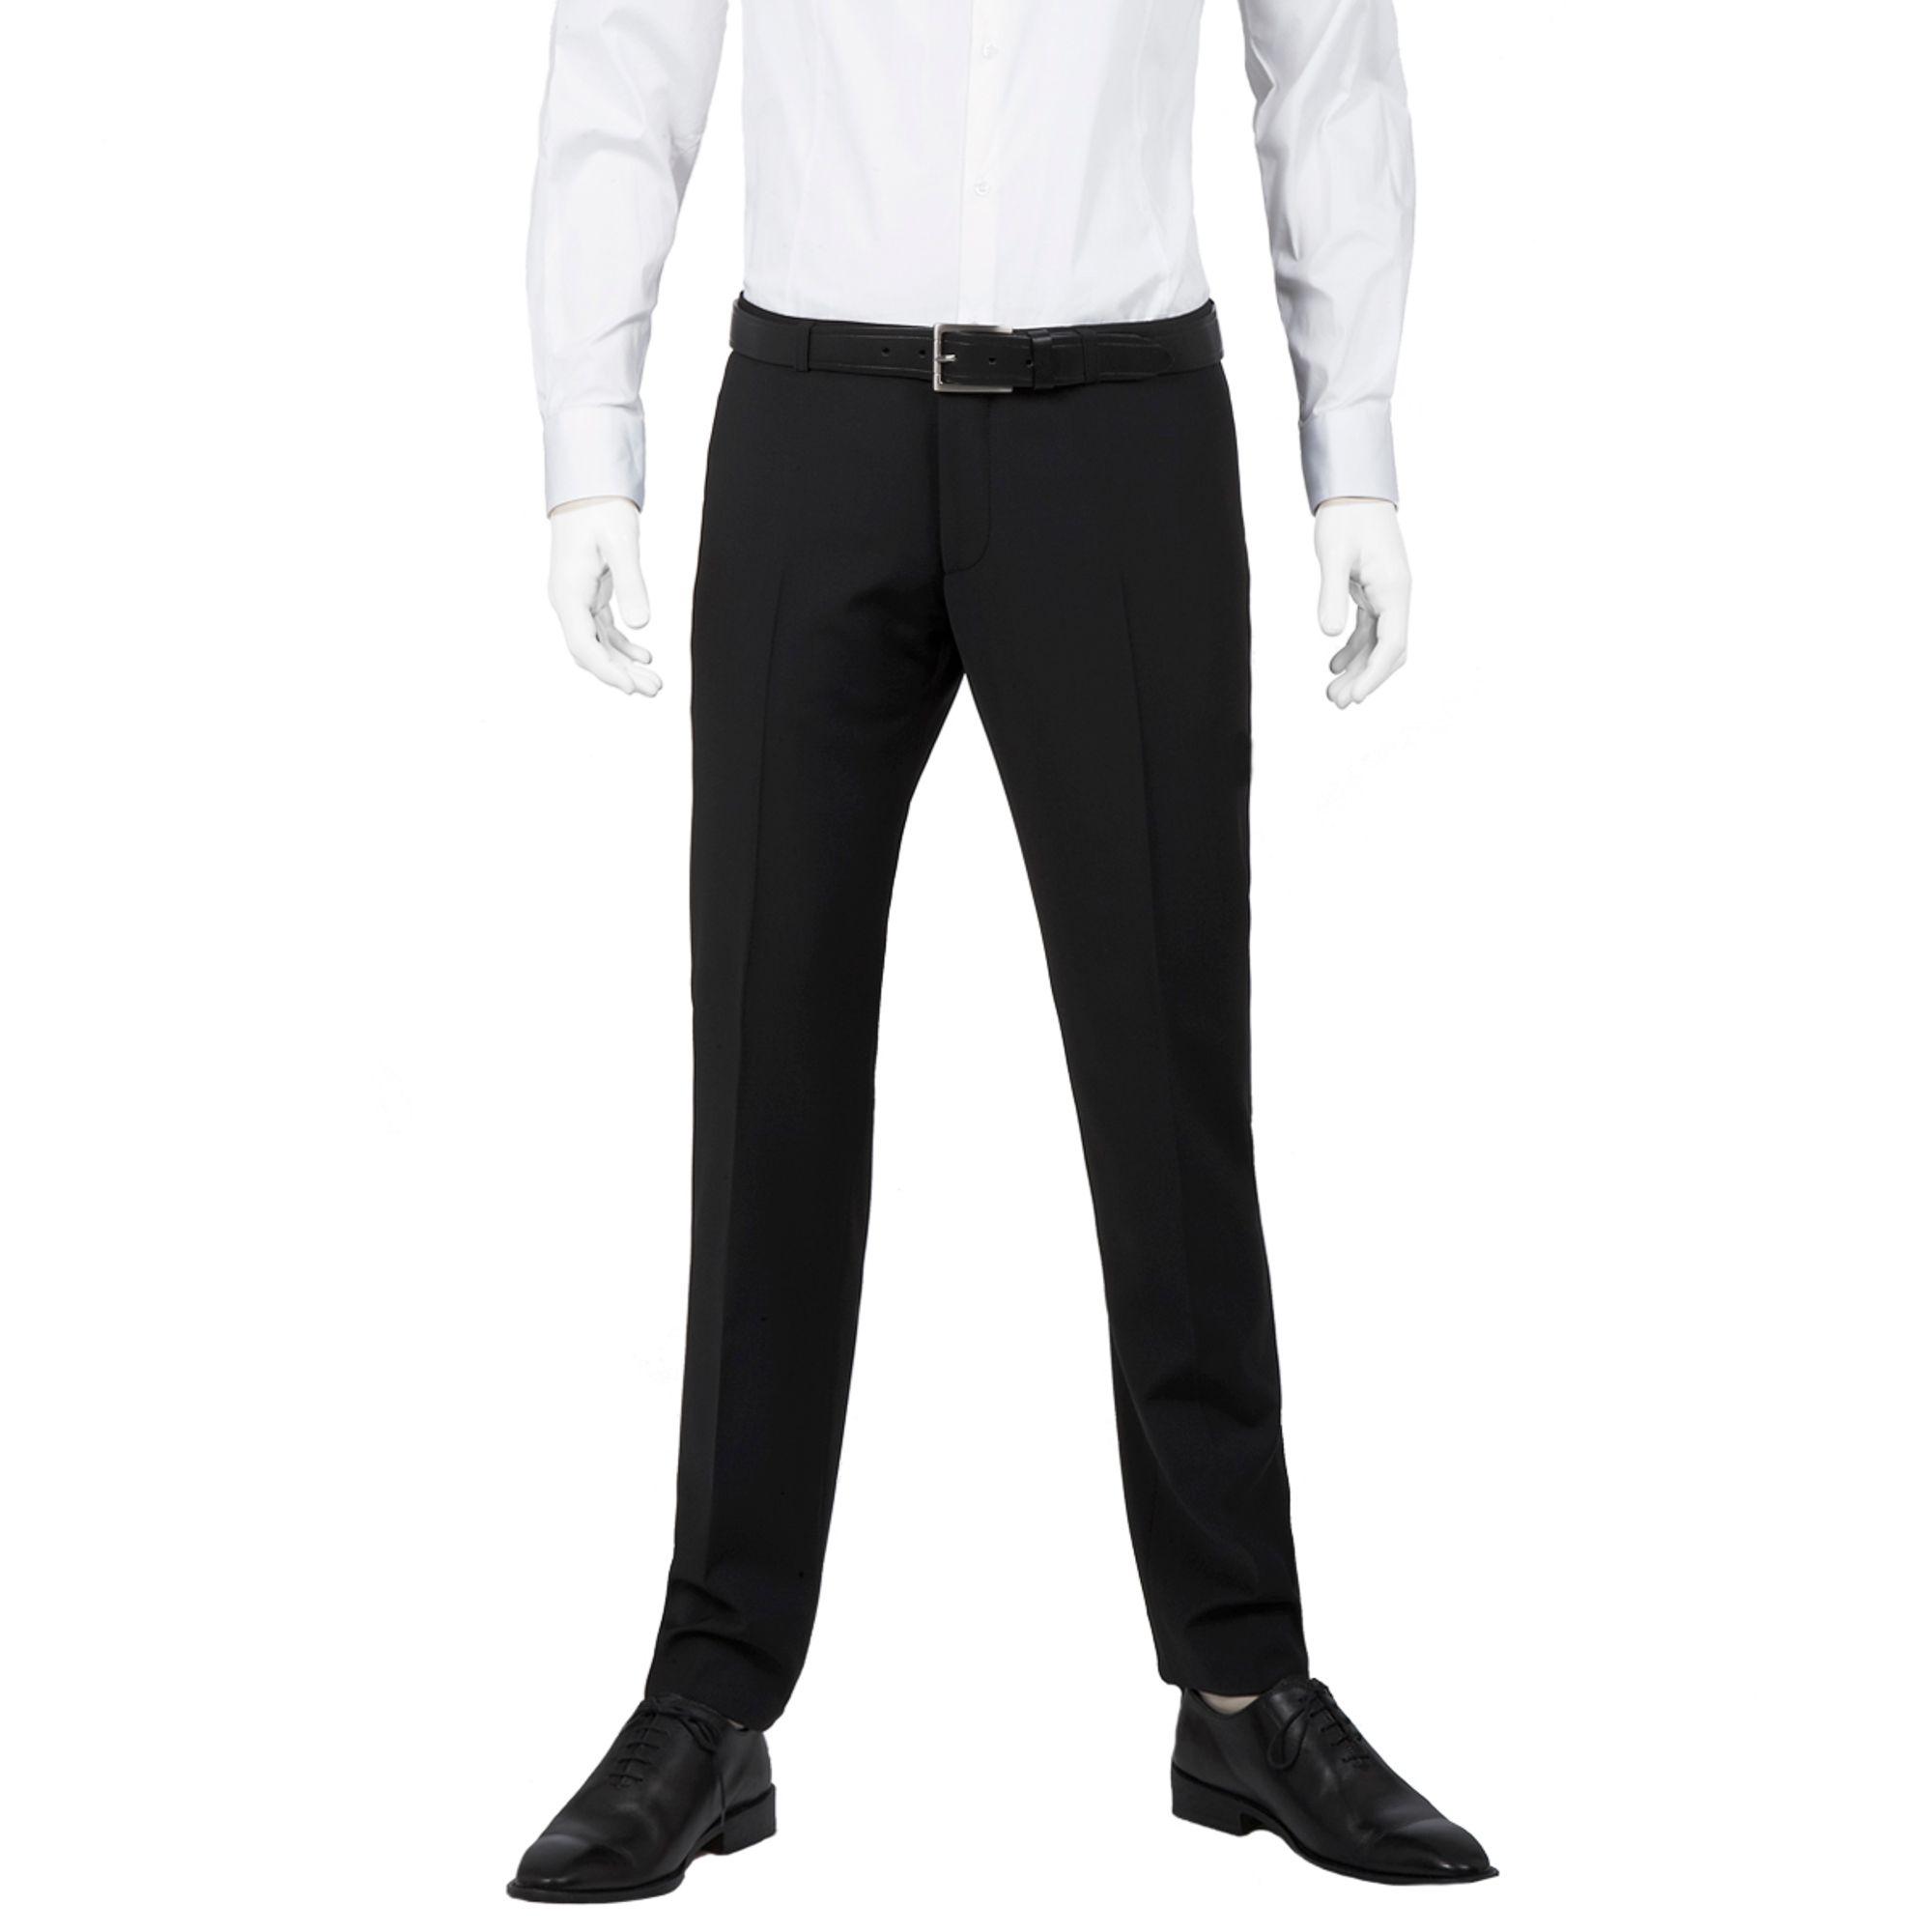 Elegant Benvenuto Purple   Slim Fit   Herren Baukasten Hose Für Jungen Trend Anzug  Mit Sehr Schlankem Schnitt In Verschiedenen Farben, Tozzi (20657, Modell:  61284)